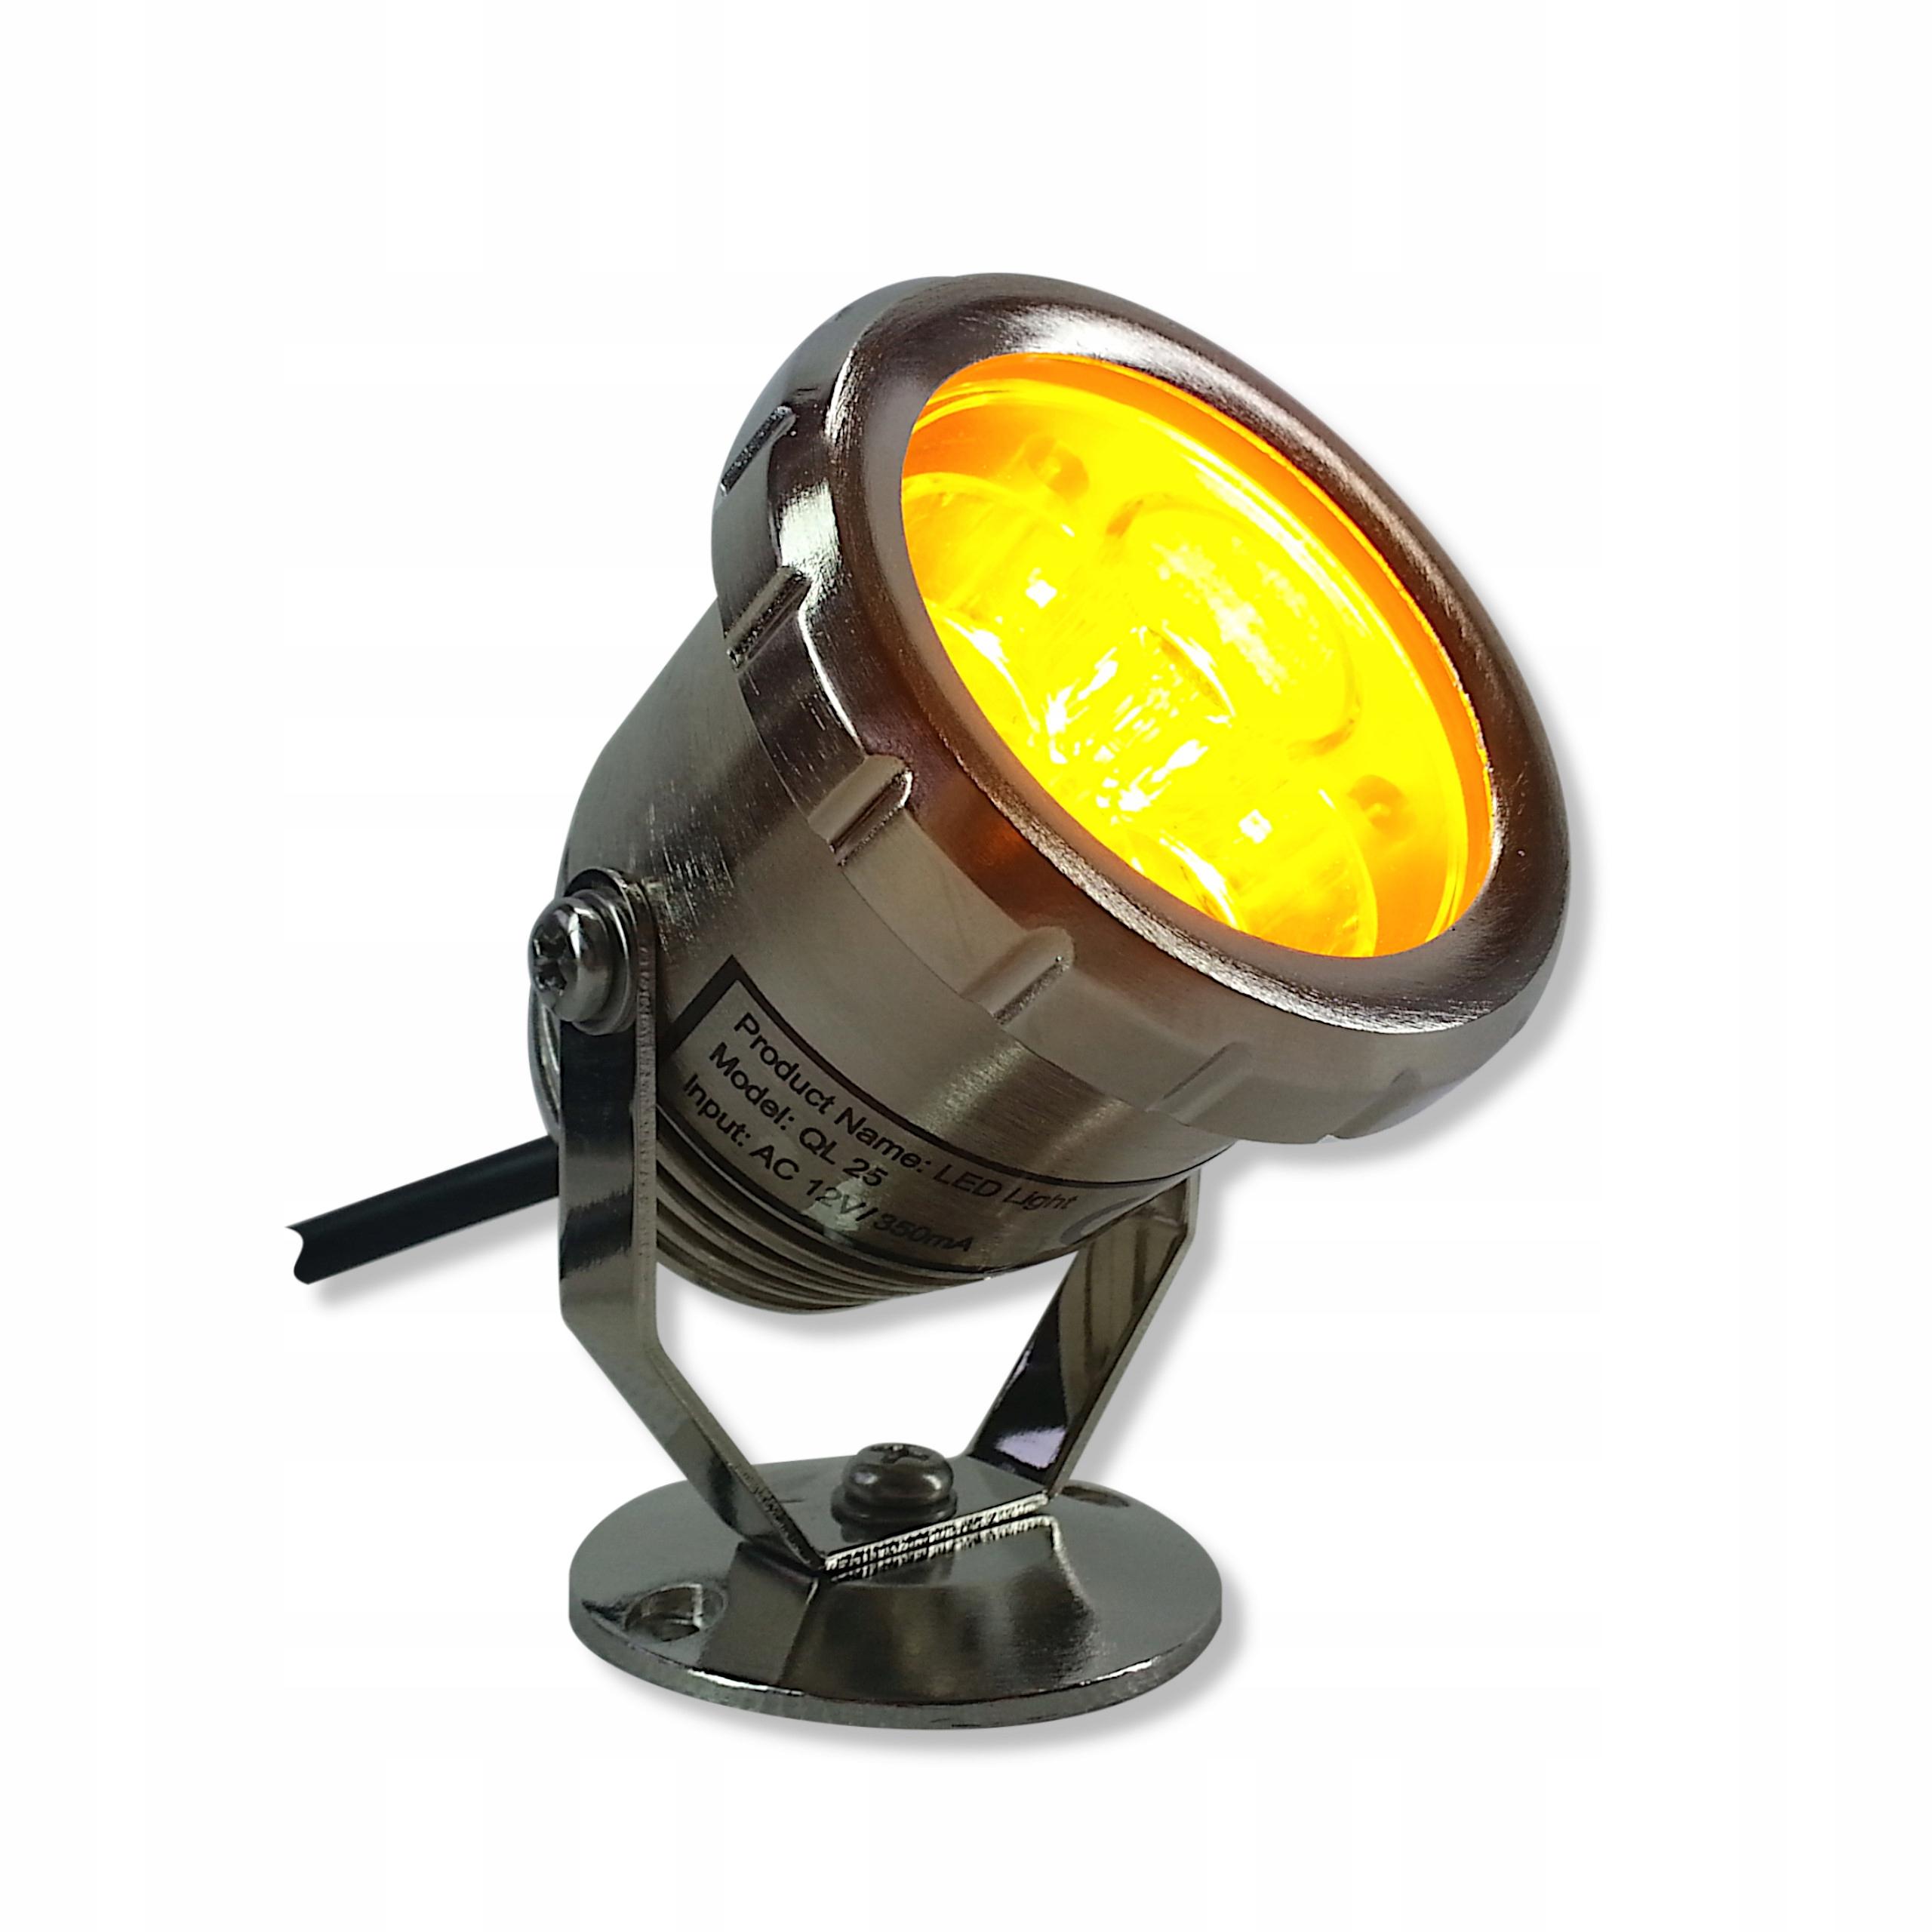 ЛАМПА LED - Фары из нержавеющей -QL 25 3 Желтый